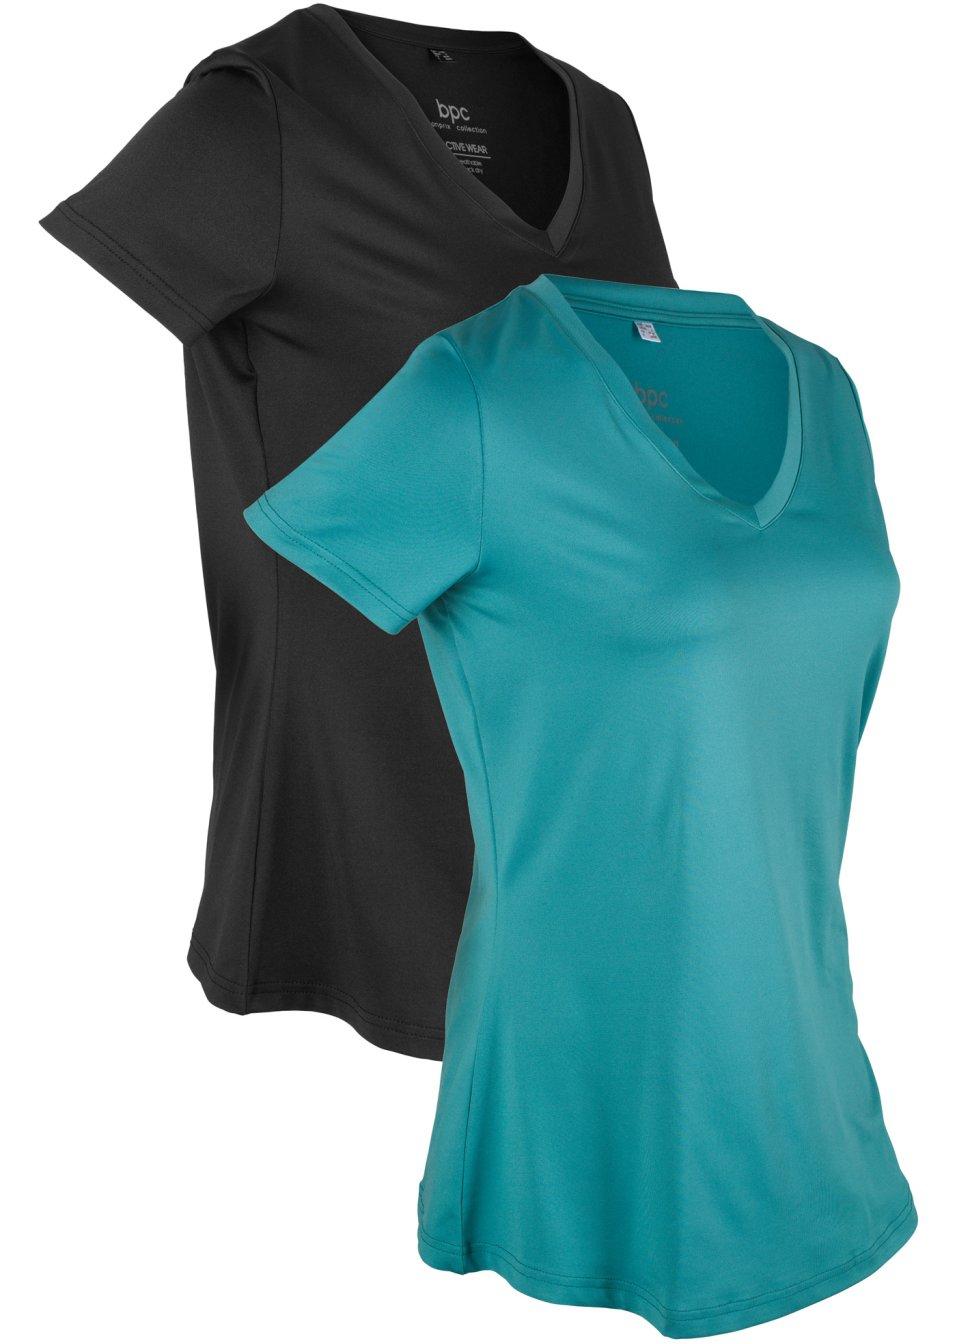 Schnelltrocknendes Sport-Shirt mit V-Ausschnitt im 2er-Pack - mattkobalttürkis/schwarz HLgkD fSv7h